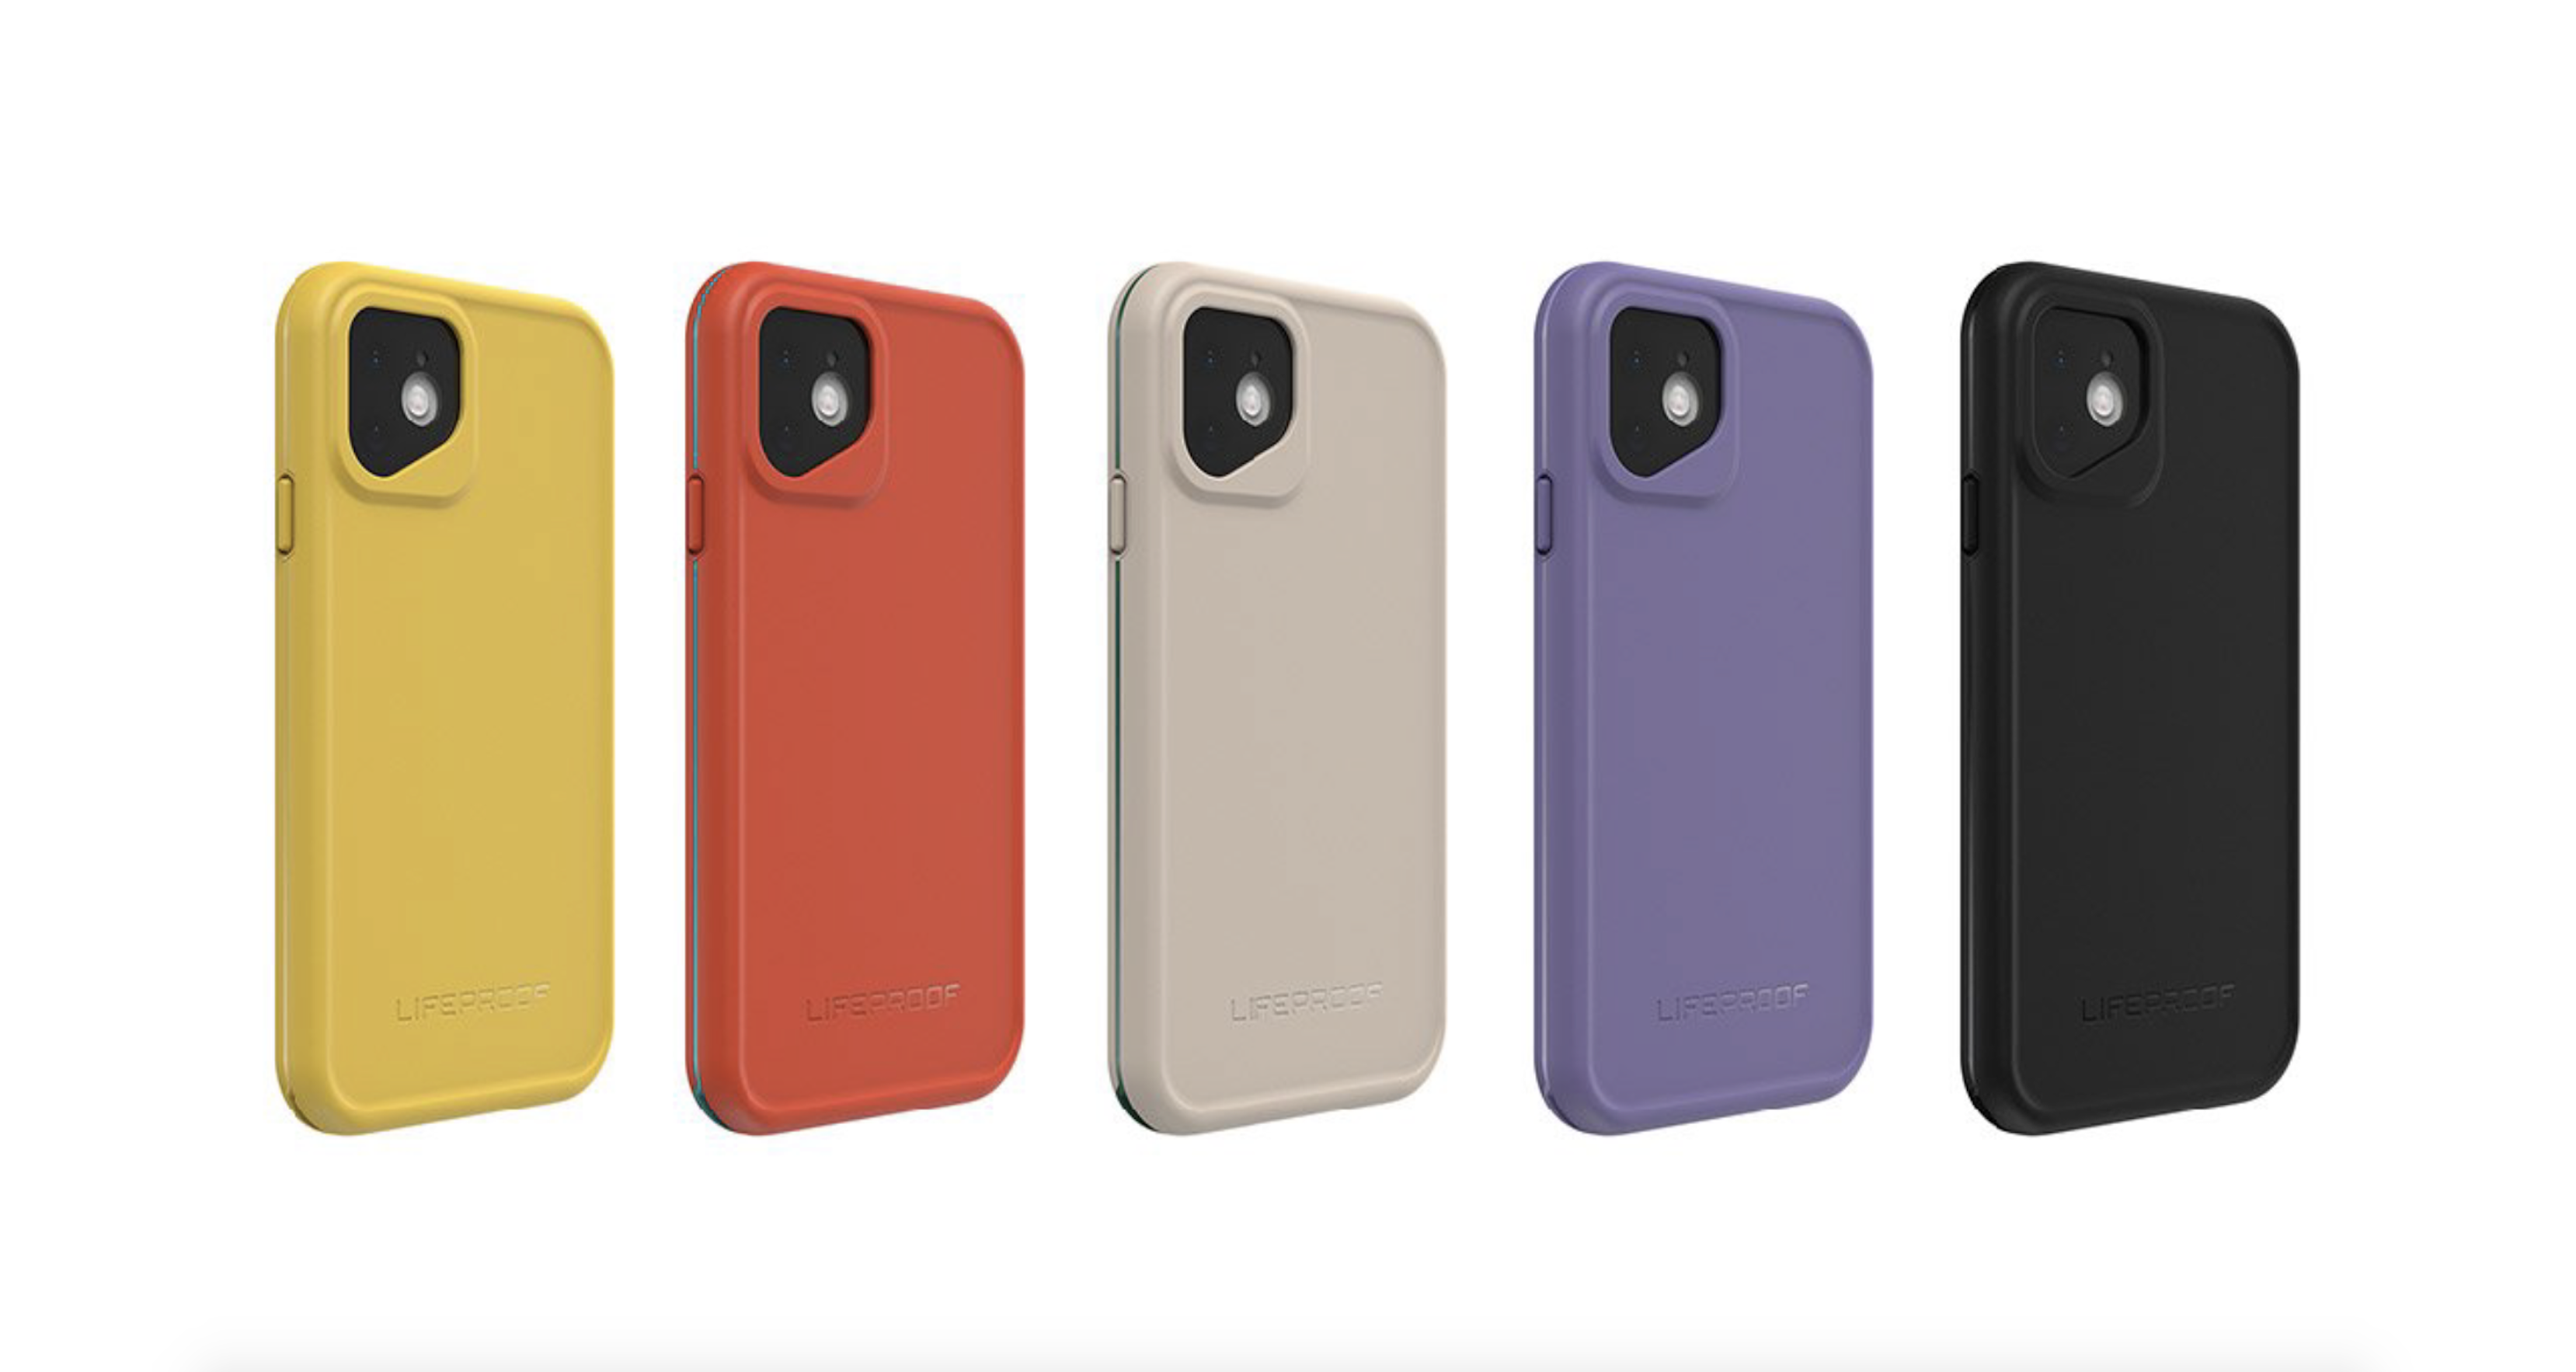 Cases da LifeProof para iPhones 11 e 11 Pro